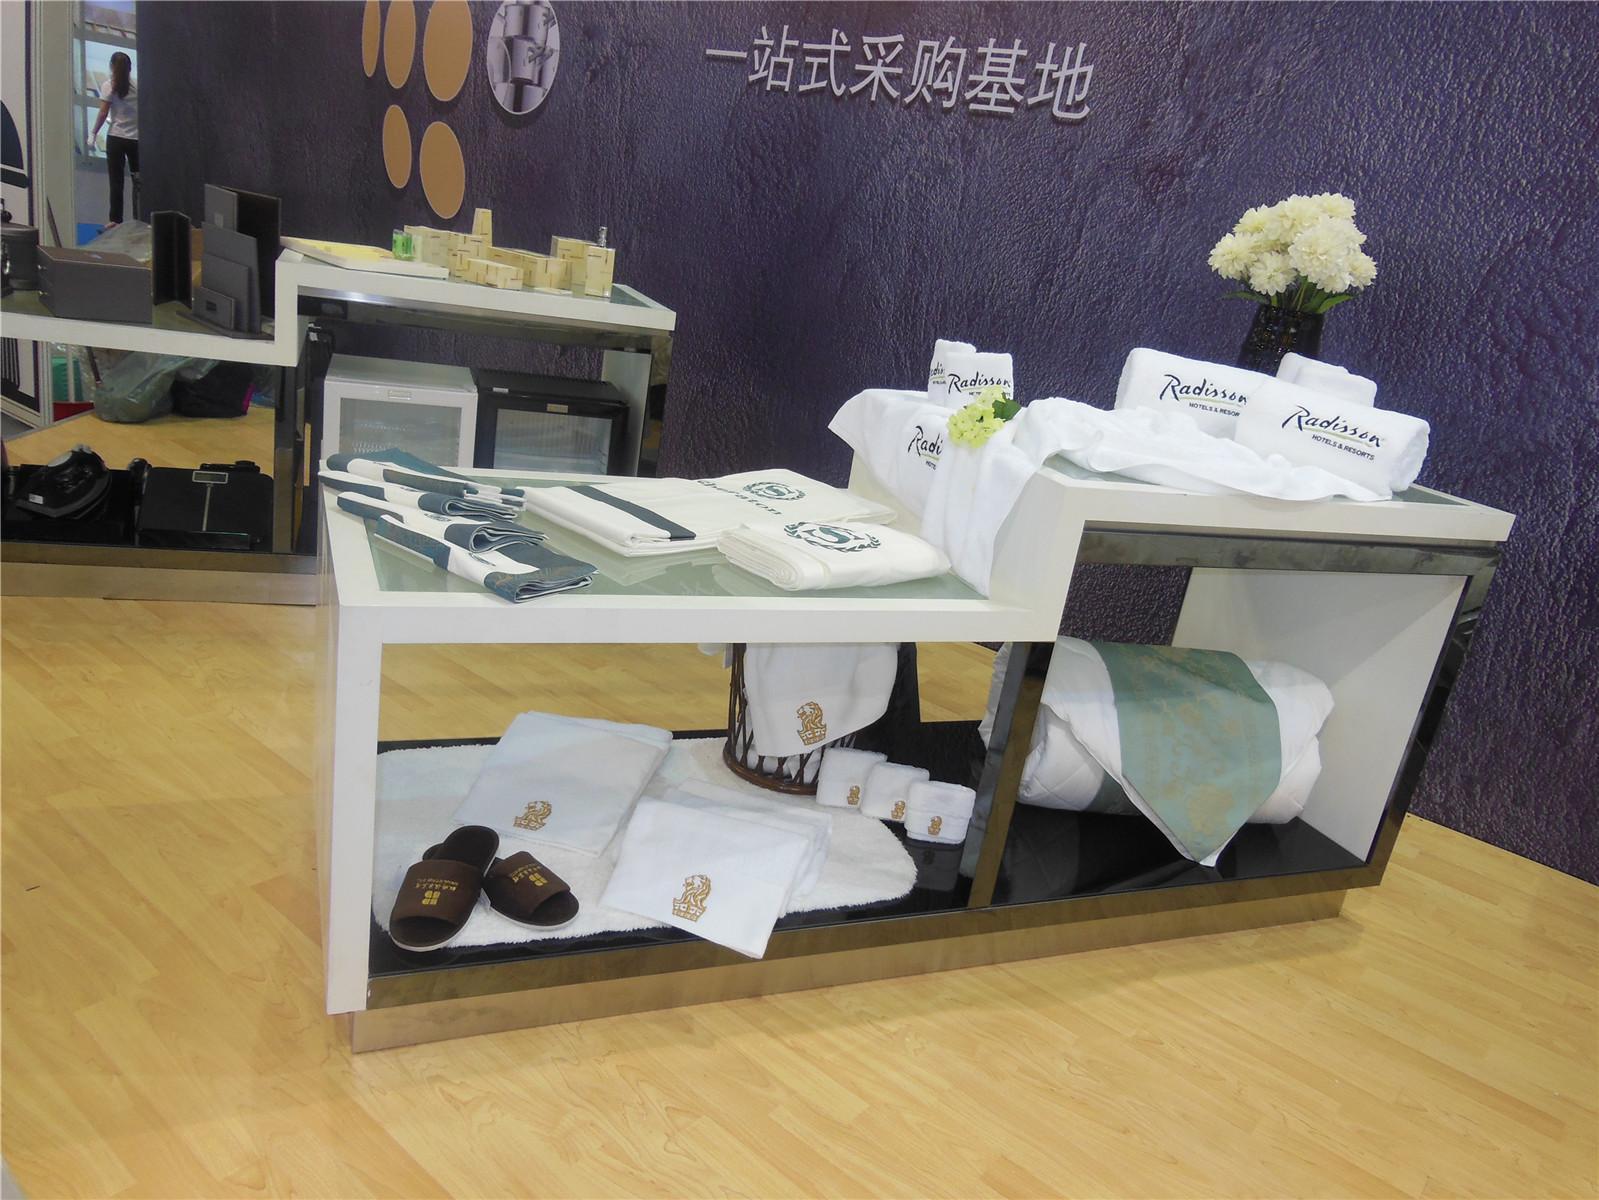 Guangzhou pazhou exhibition-Tontile Linen